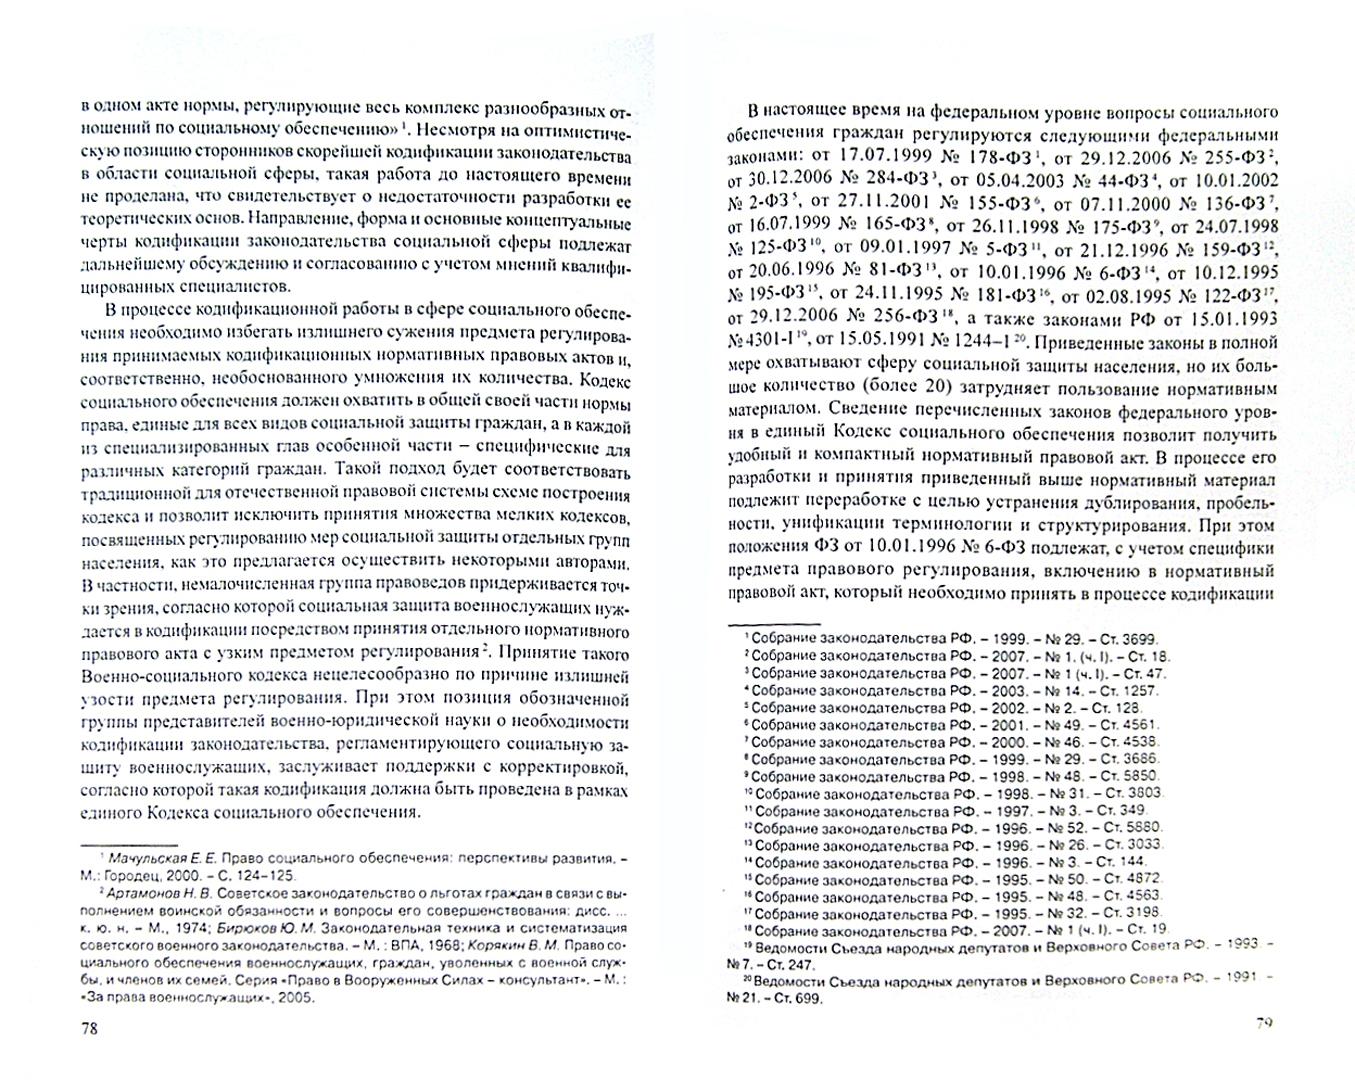 Иллюстрация 1 из 7 для Кодификация российского законодательства - Александр Чашин   Лабиринт - книги. Источник: Лабиринт